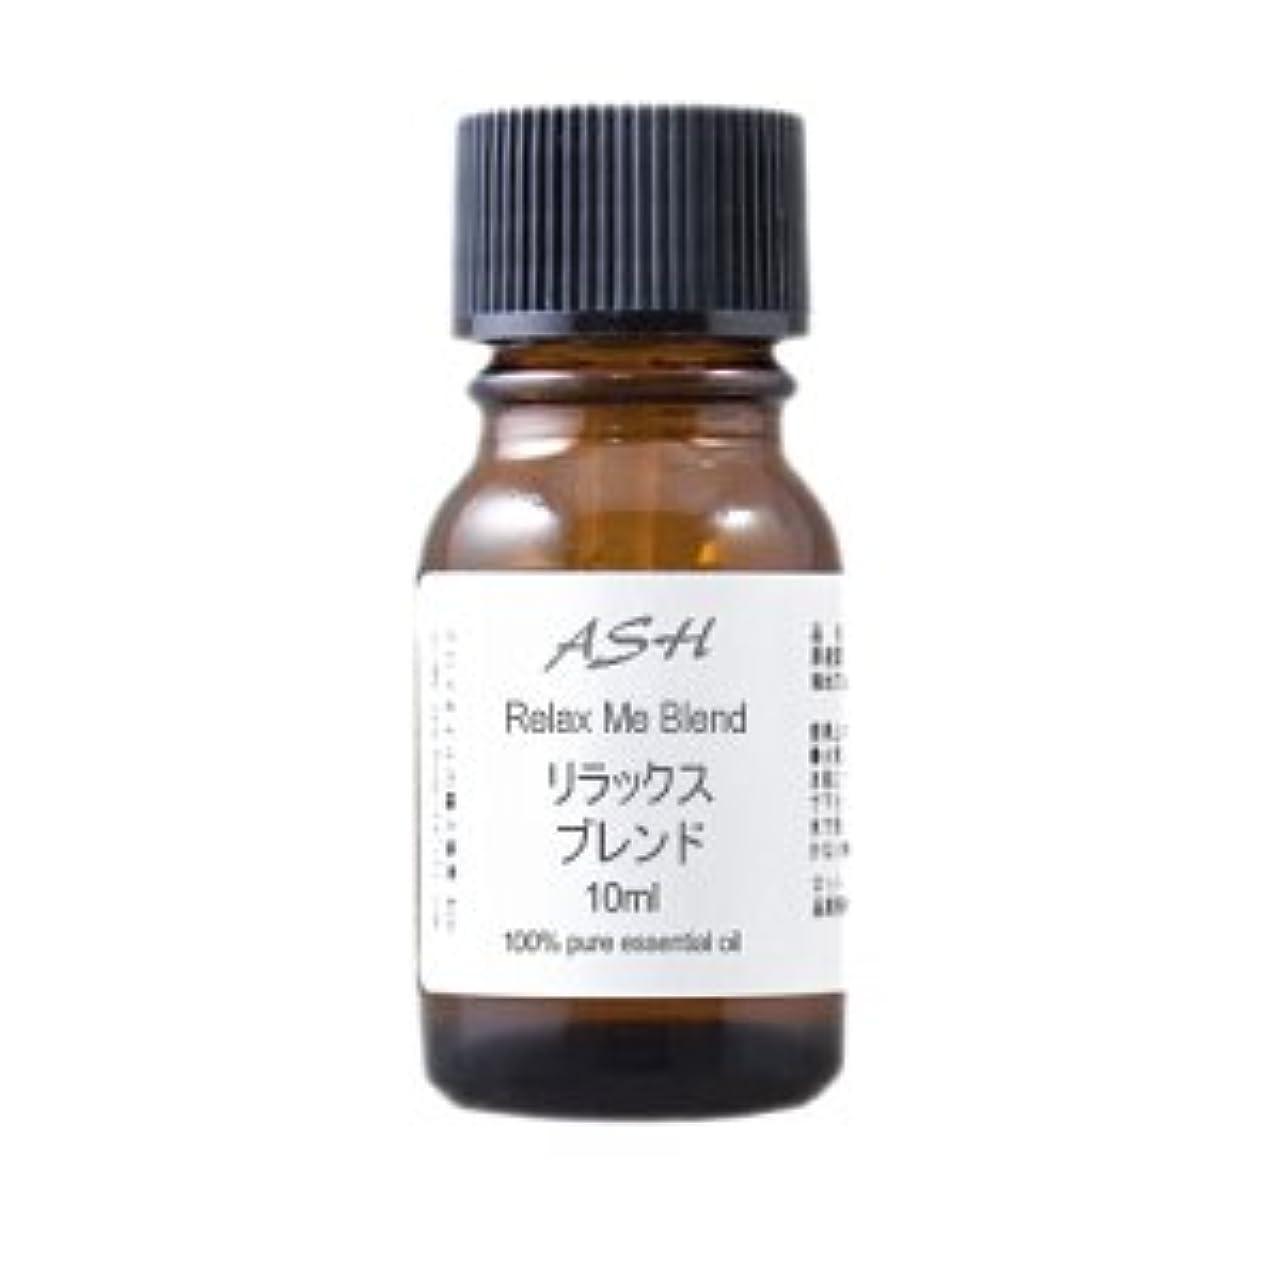 間接的関数高度なASH リラックスエッセンシャルオイルブレンド10ml